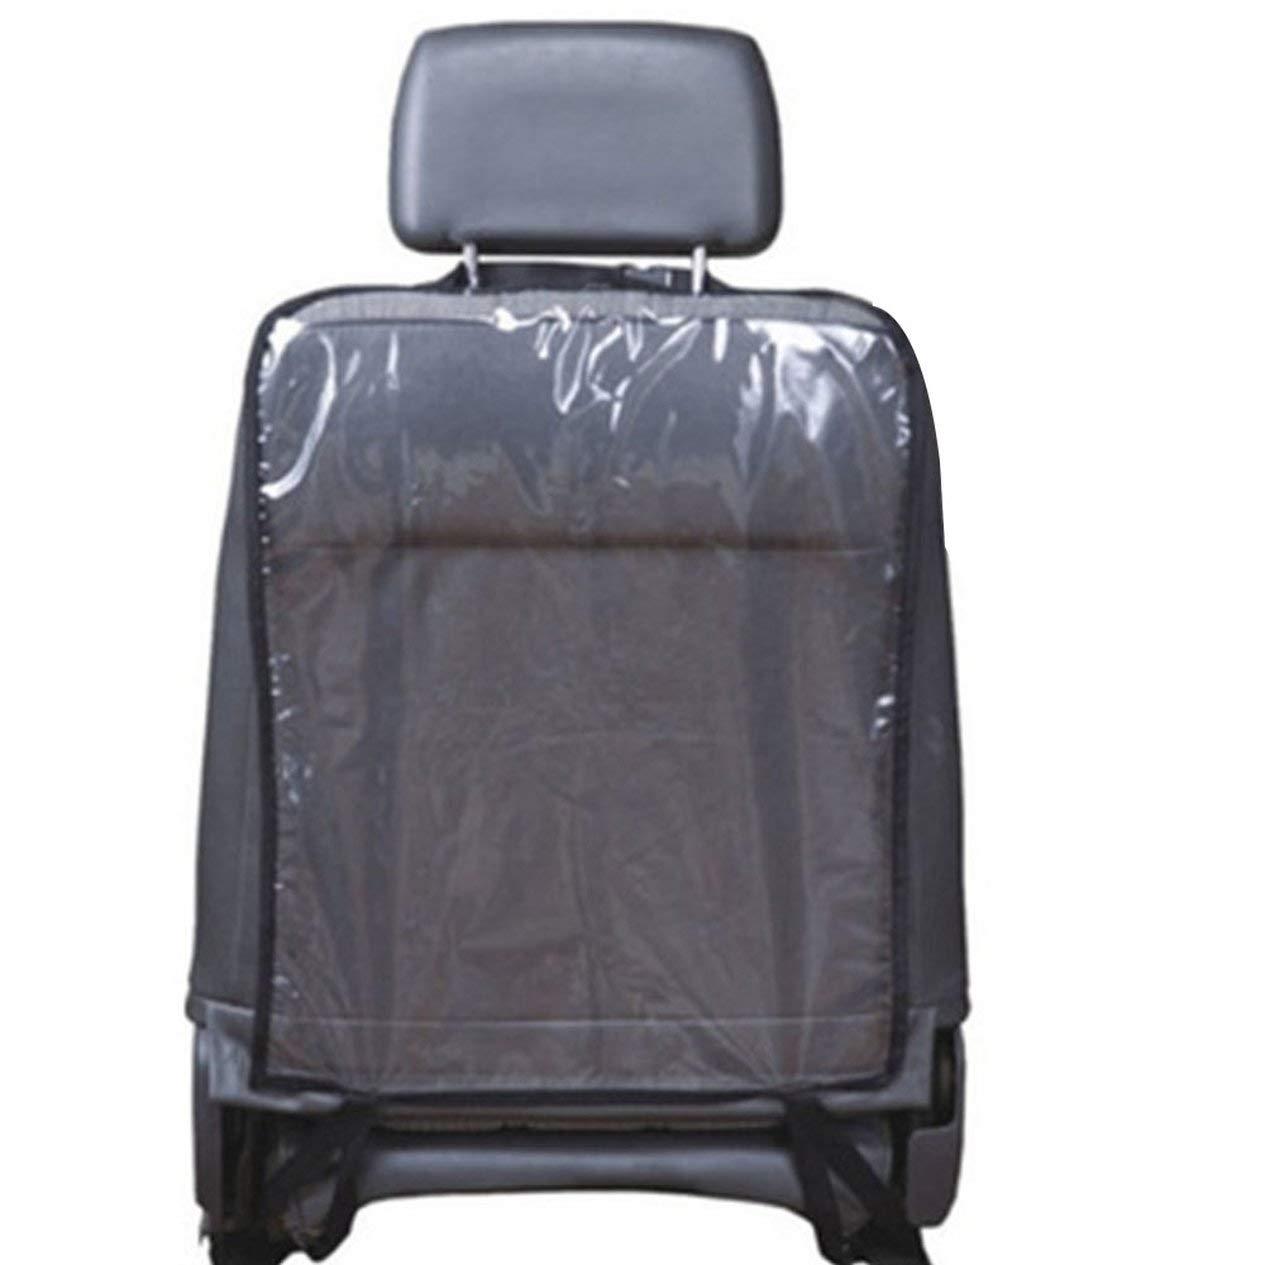 Prot/ège-dossier auto EdBerk74 pour si/ège arri/ère Couverture Back Organisateur pour enfants Prot/ège-dos Kick Tap Mud Clean Enfant Kick Guard Seat Saver